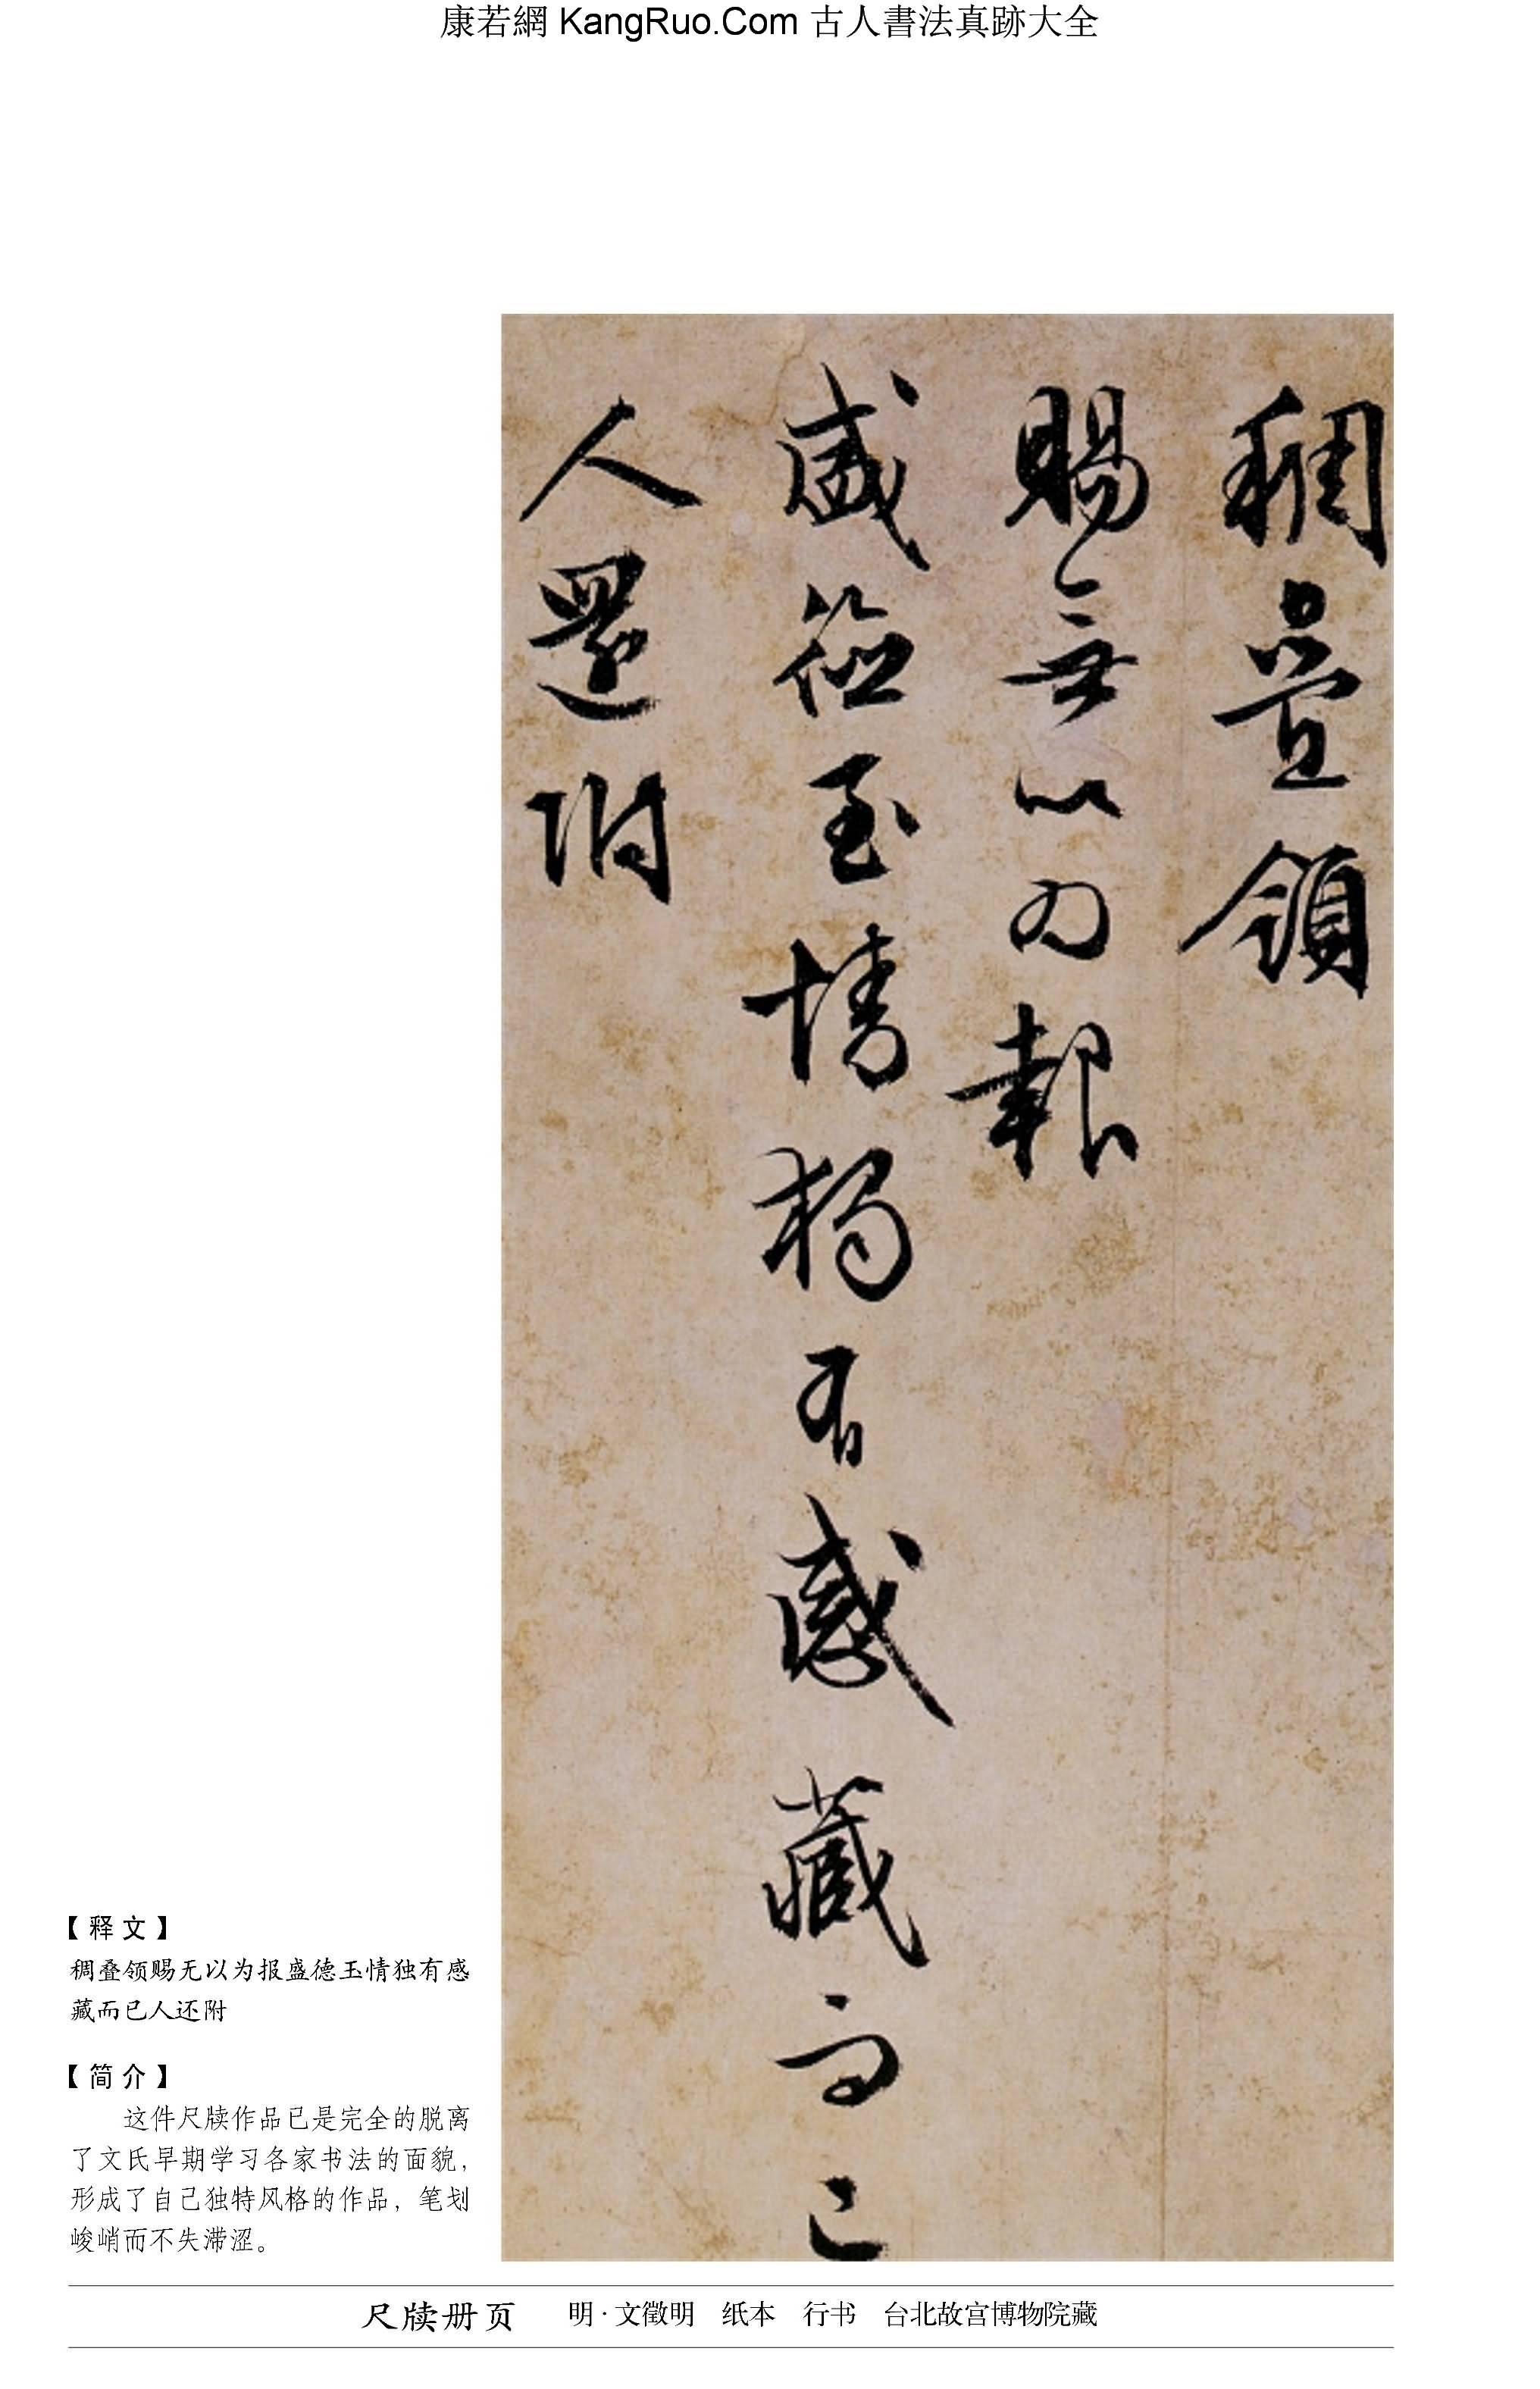 《尺牘冊頁》書法真跡(行書)【明朝·文徵明】_00188